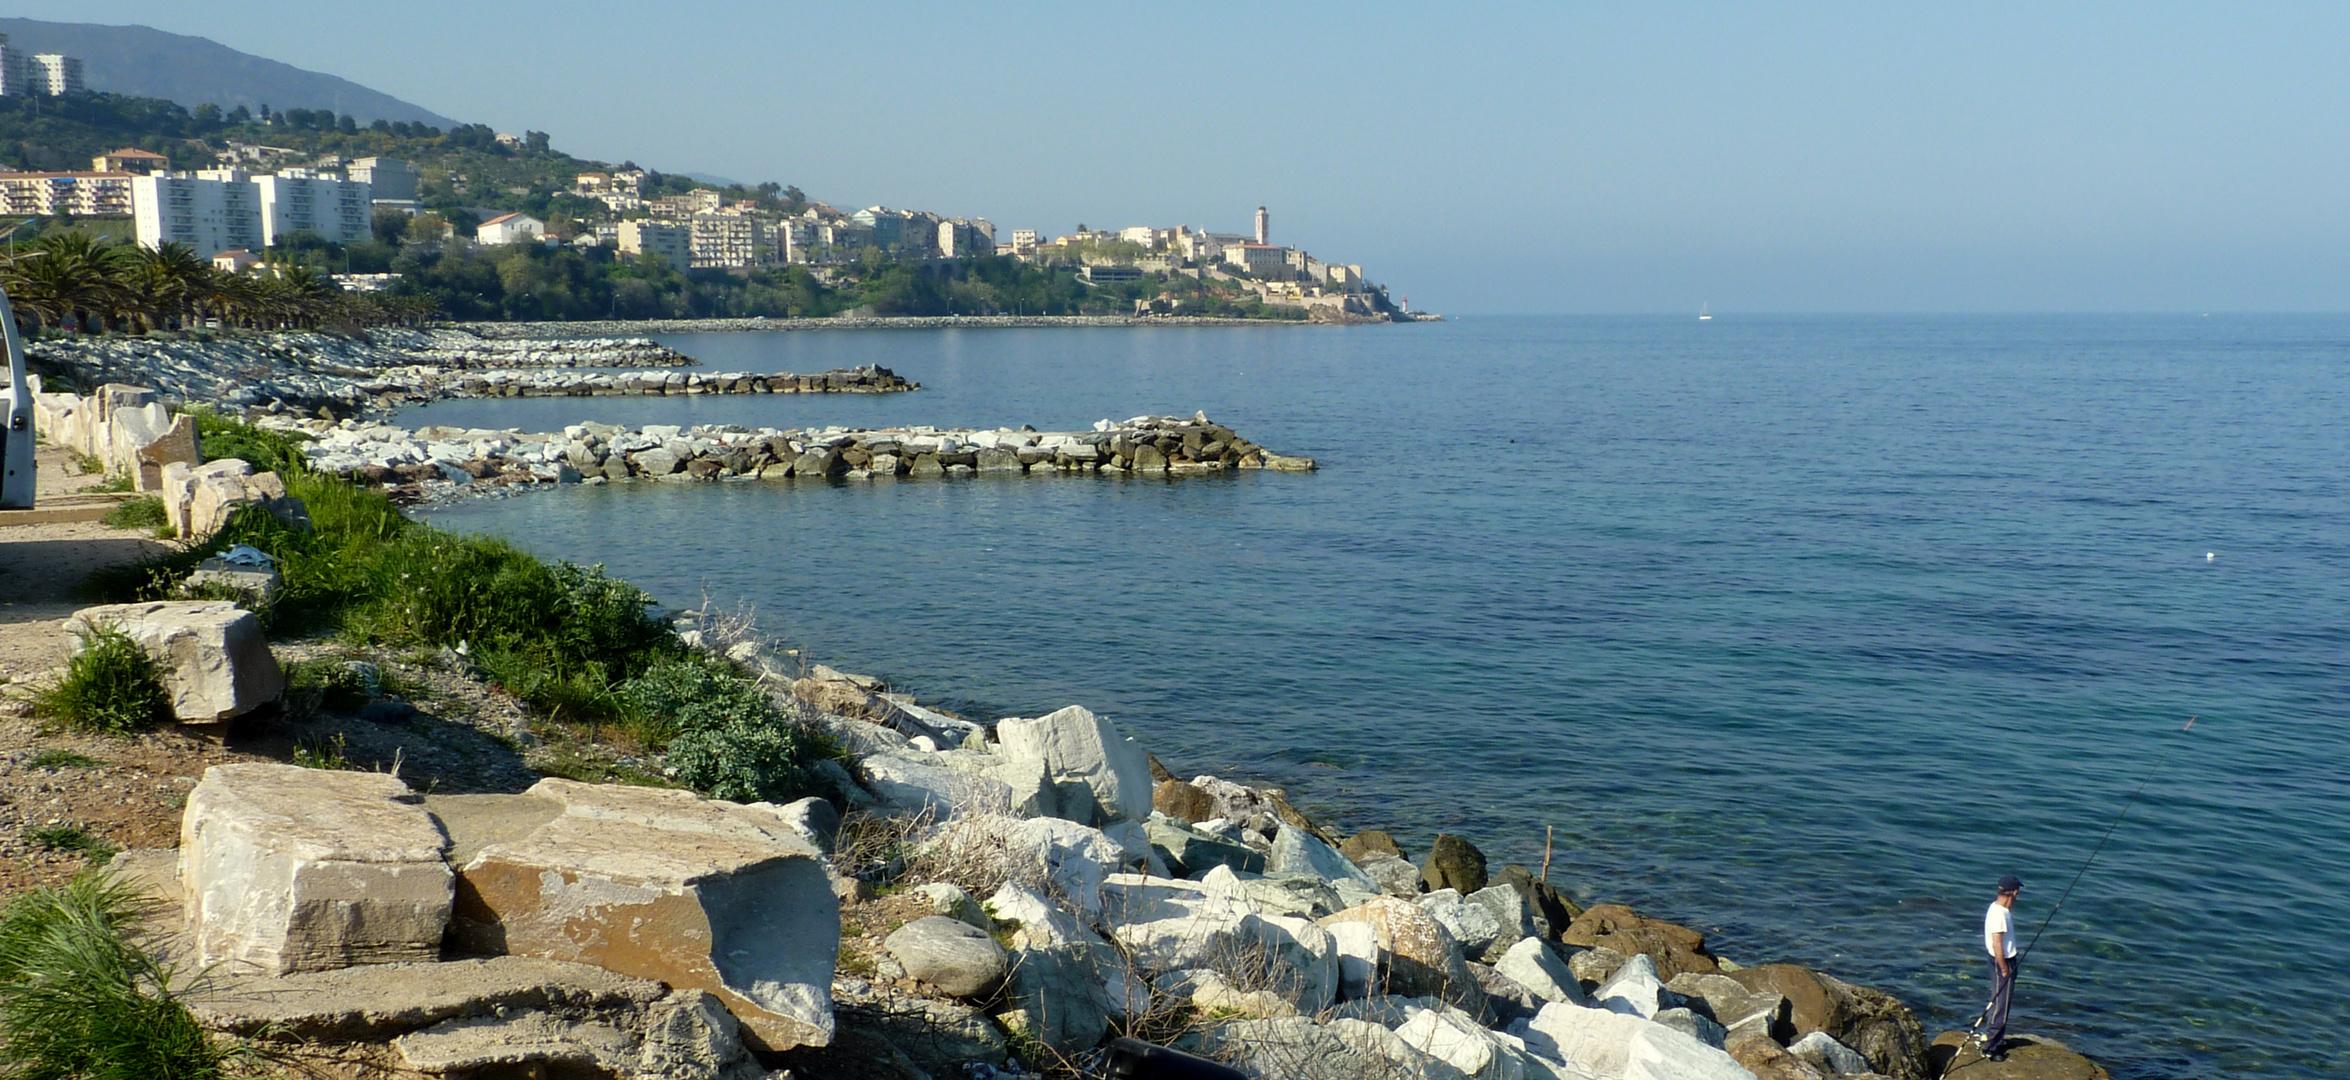 Corse / Corcega / Korsika...16